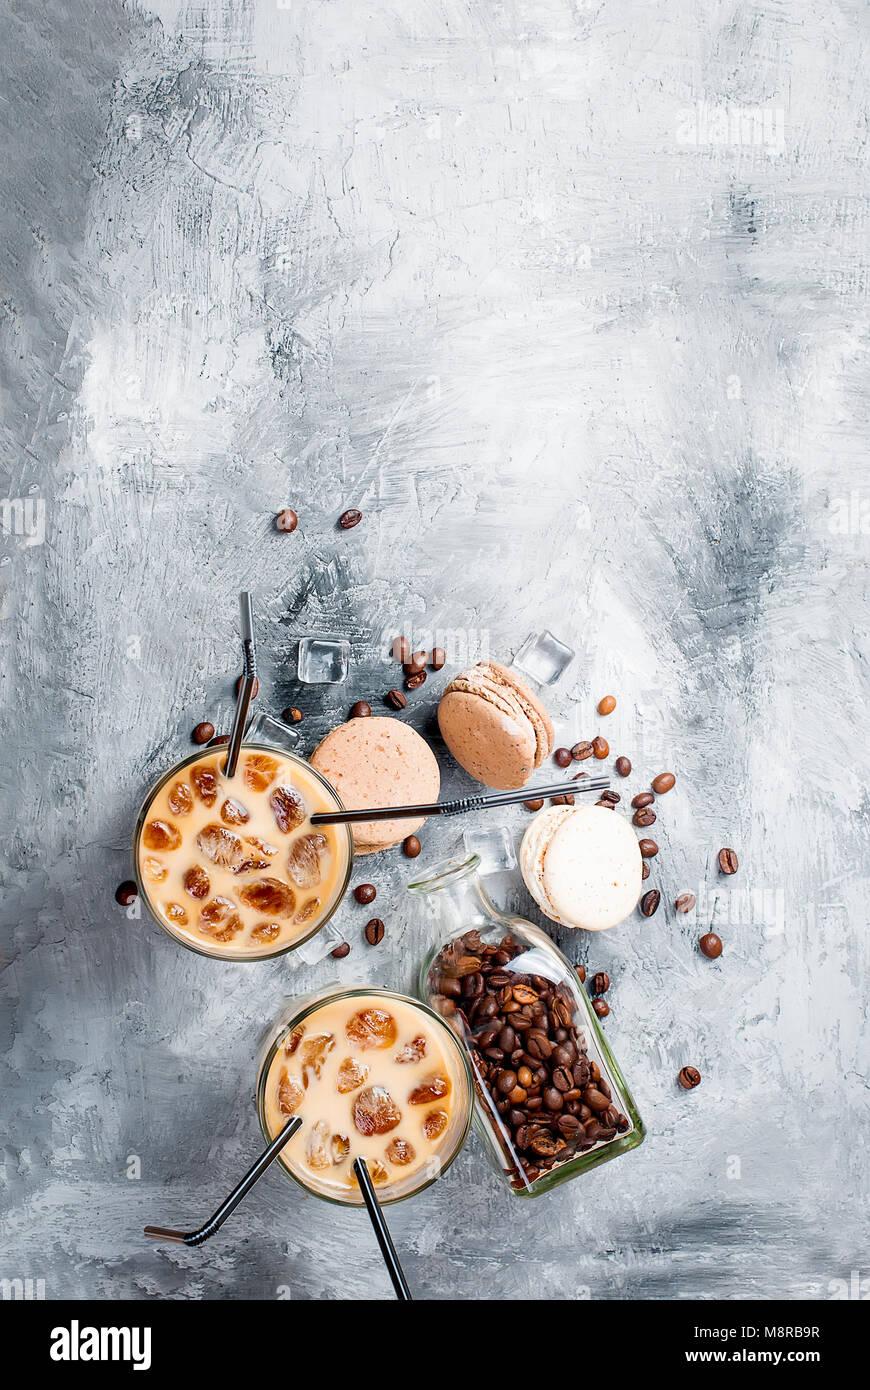 Café en cristal de hielo, mostachones, trozos de chocolate y granos de café en un cuadro gris , vista Imagen De Stock